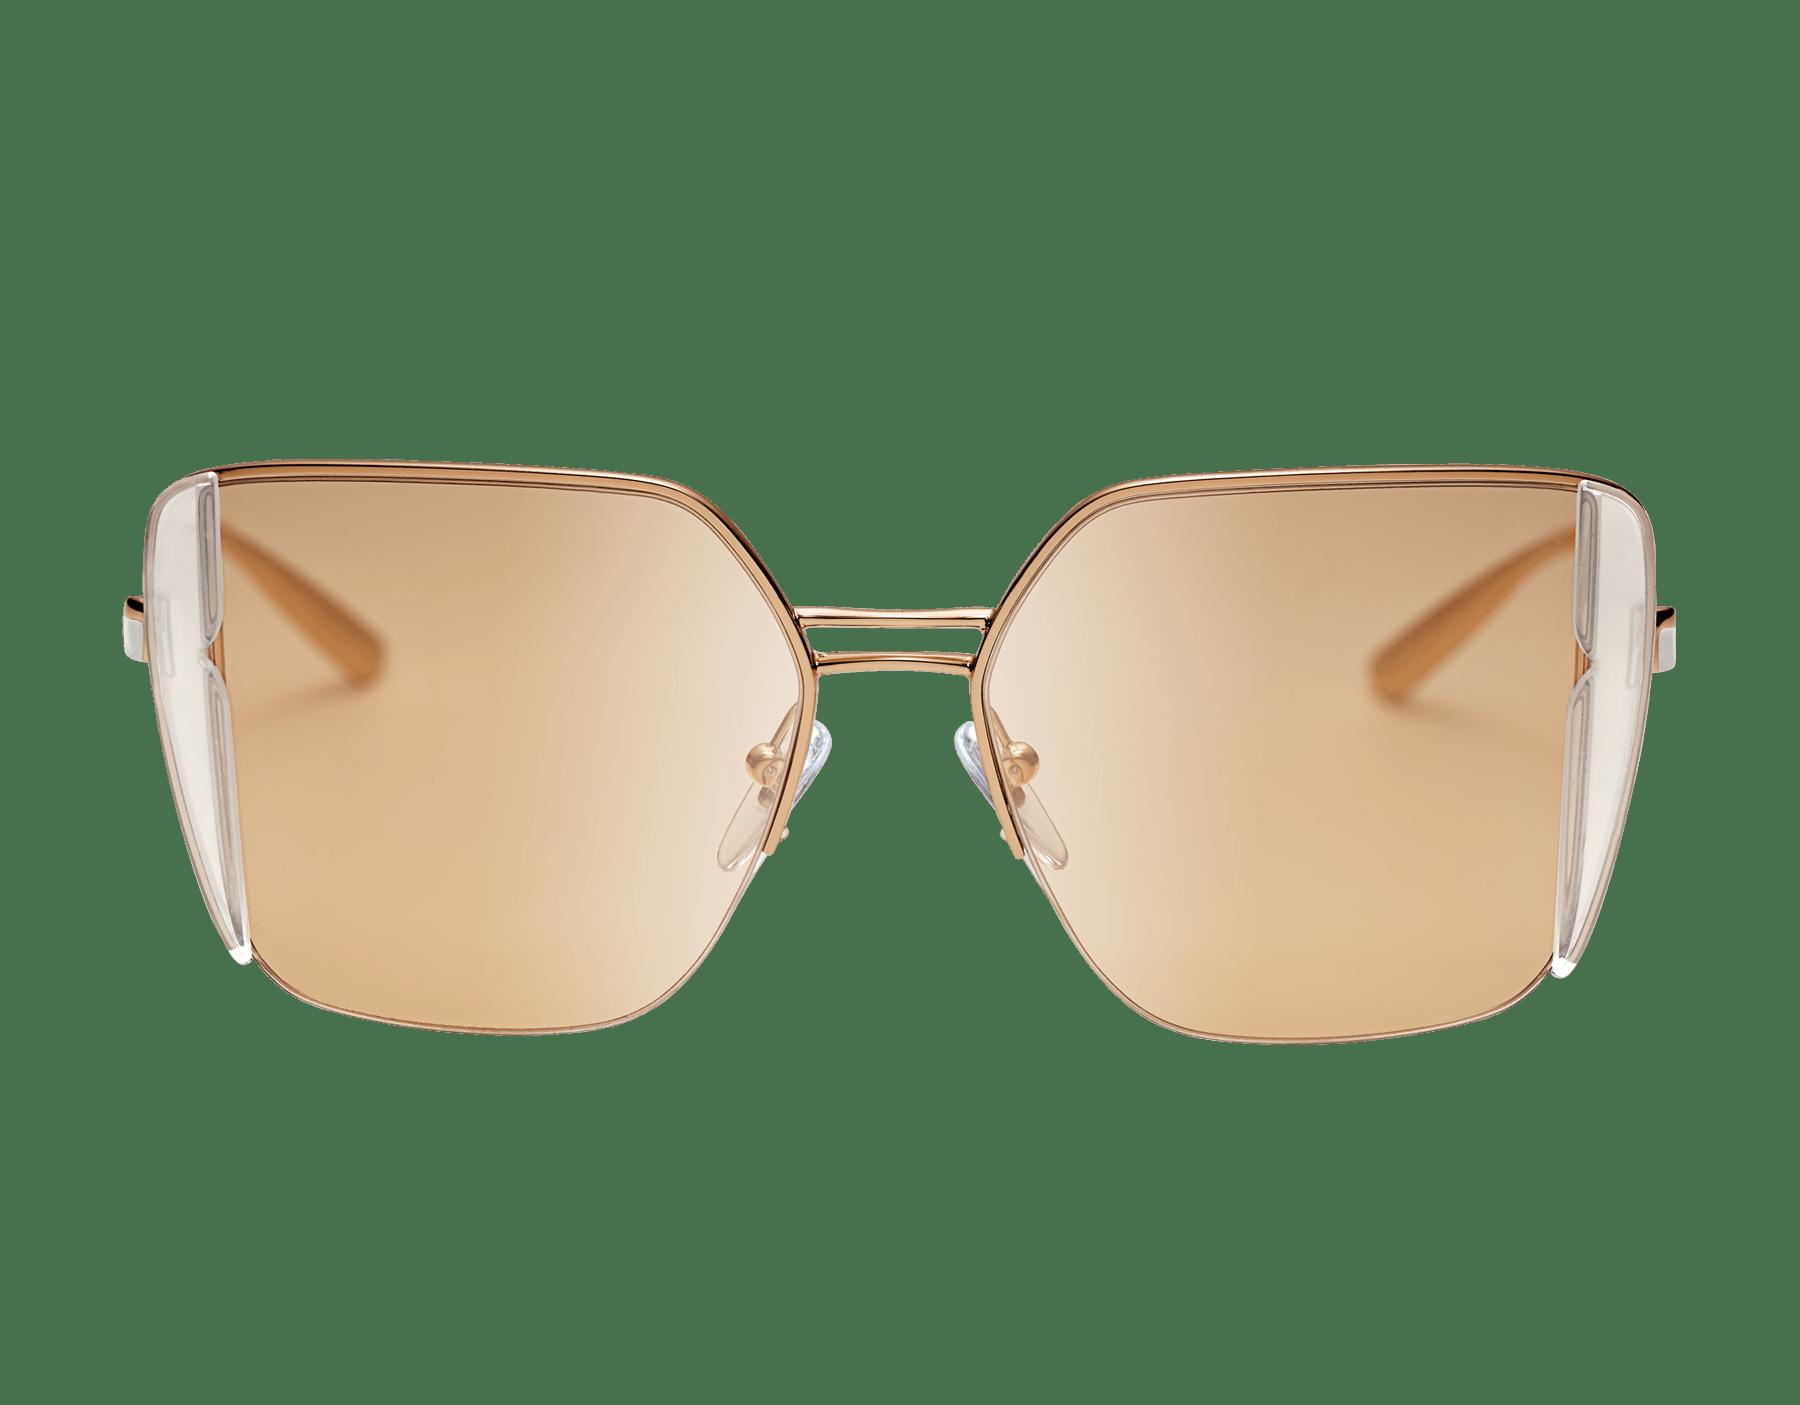 ブルガリ ビー・ゼロワン 「ビー・ピュアブライト」 スクエアシェイプのメタル製サングラス。 903948 image 2